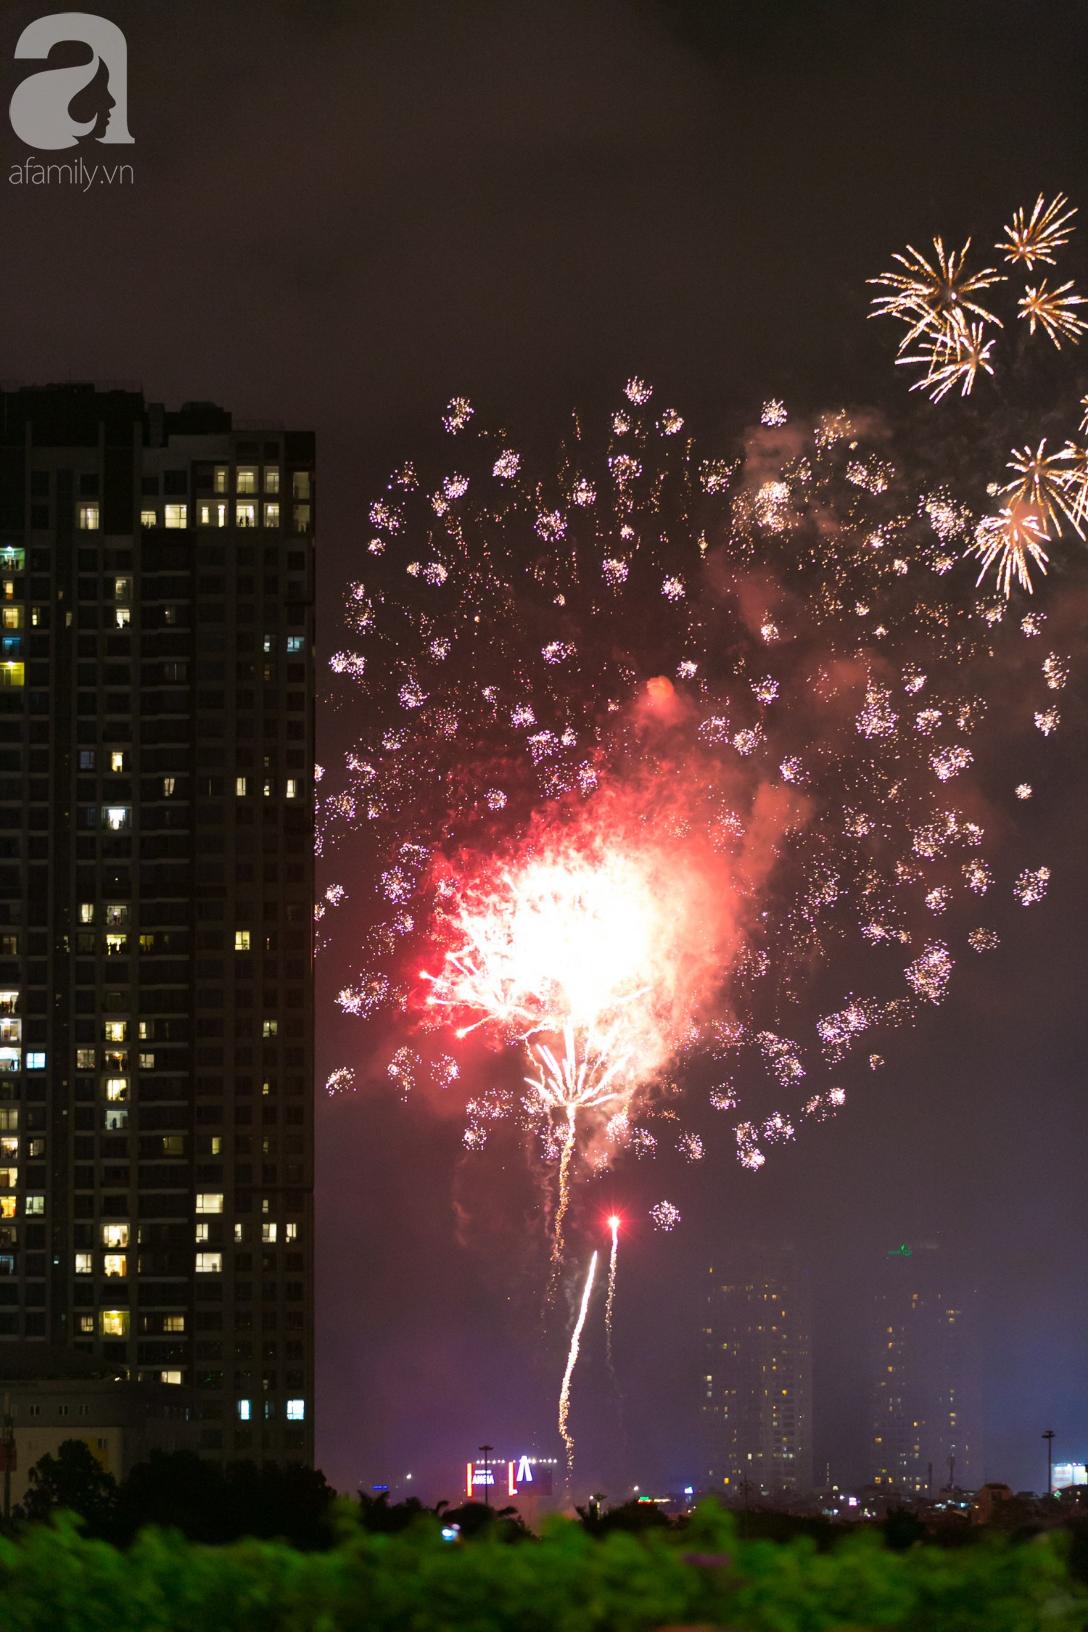 Khoảnh khắc bầu trời Sài Gòn rực sáng trong màn trình diễn pháo hoa tuyệt đẹp mừng lễ Quốc khánh 2/9-20